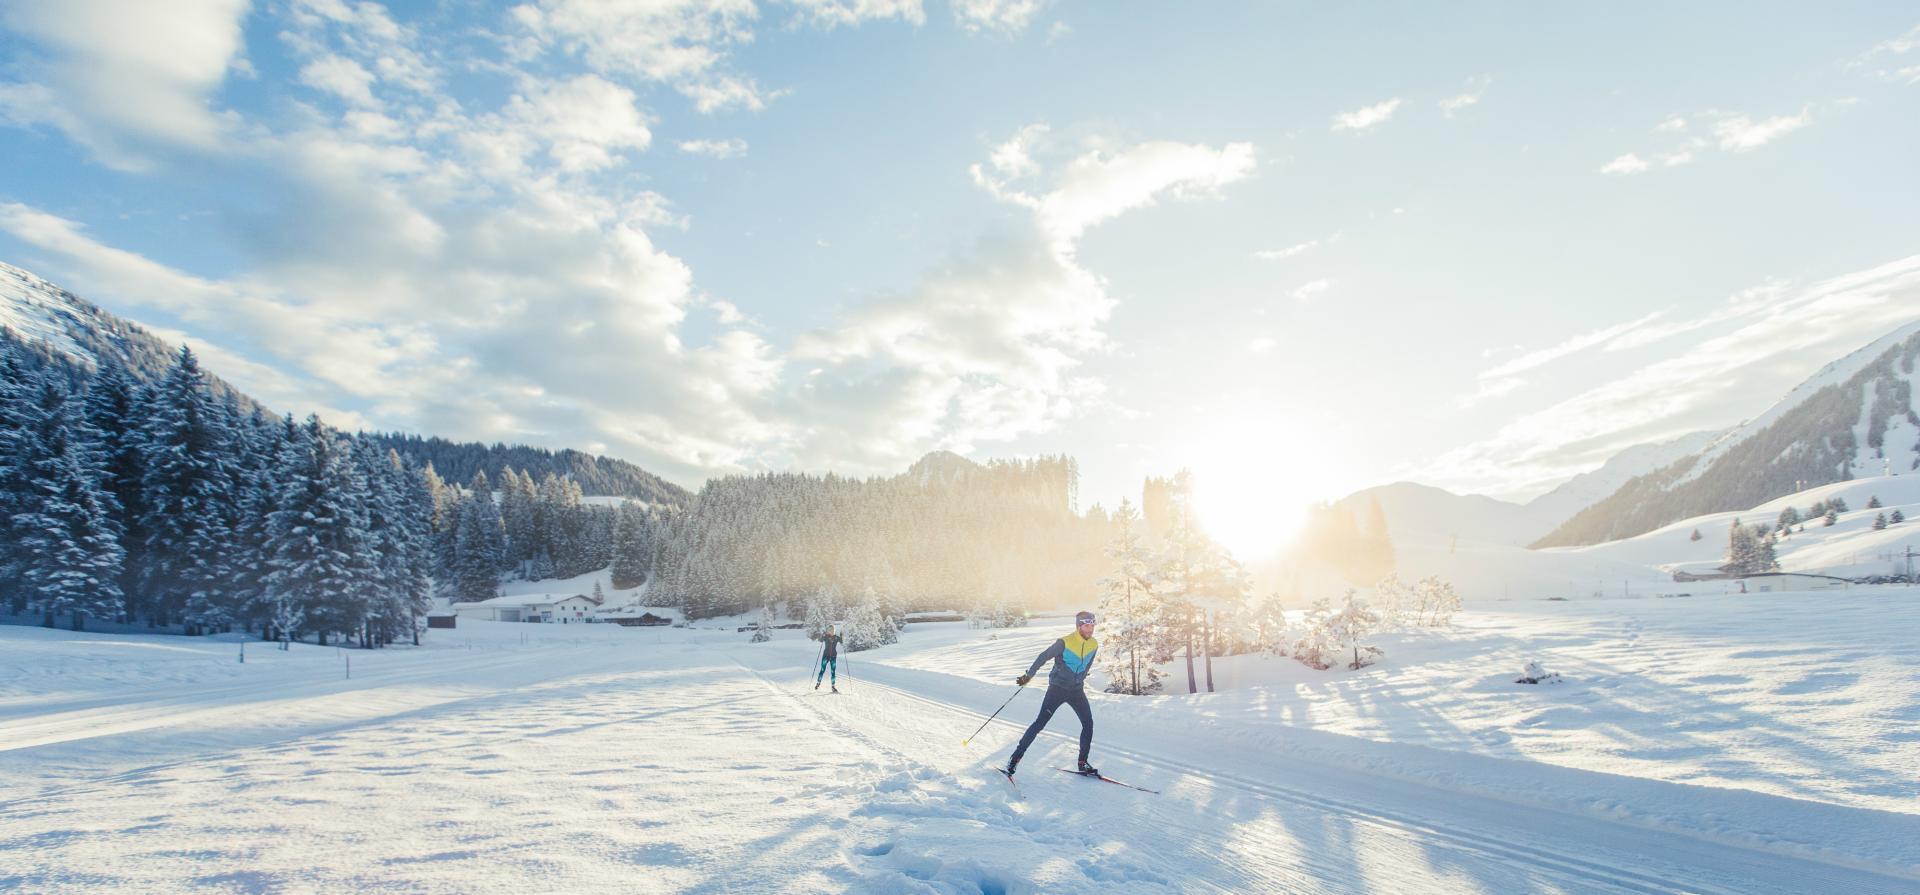 Bergheimat Unterdorf #Bildergalerie#Aktiv Urlaub#Winter